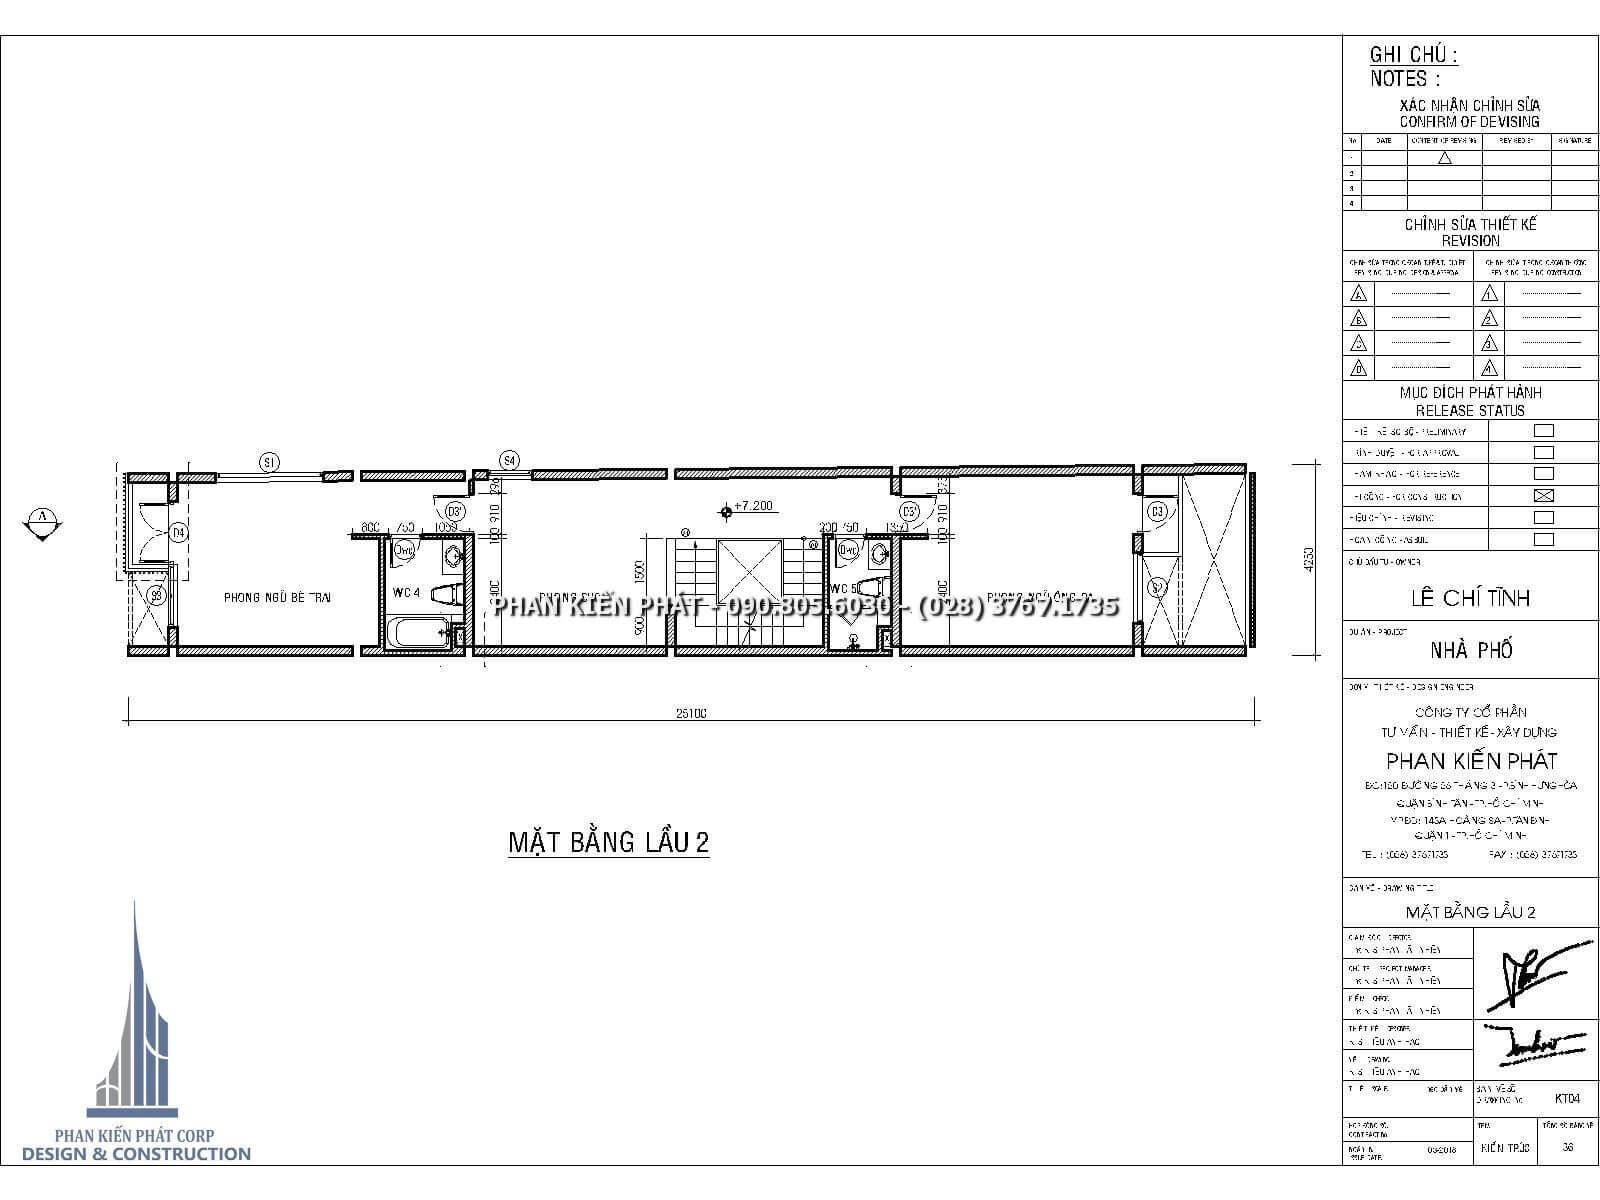 Mặt bằng lầu 2 – Thiết kế nhà phố 4 lầu kết hợp với phòng khám